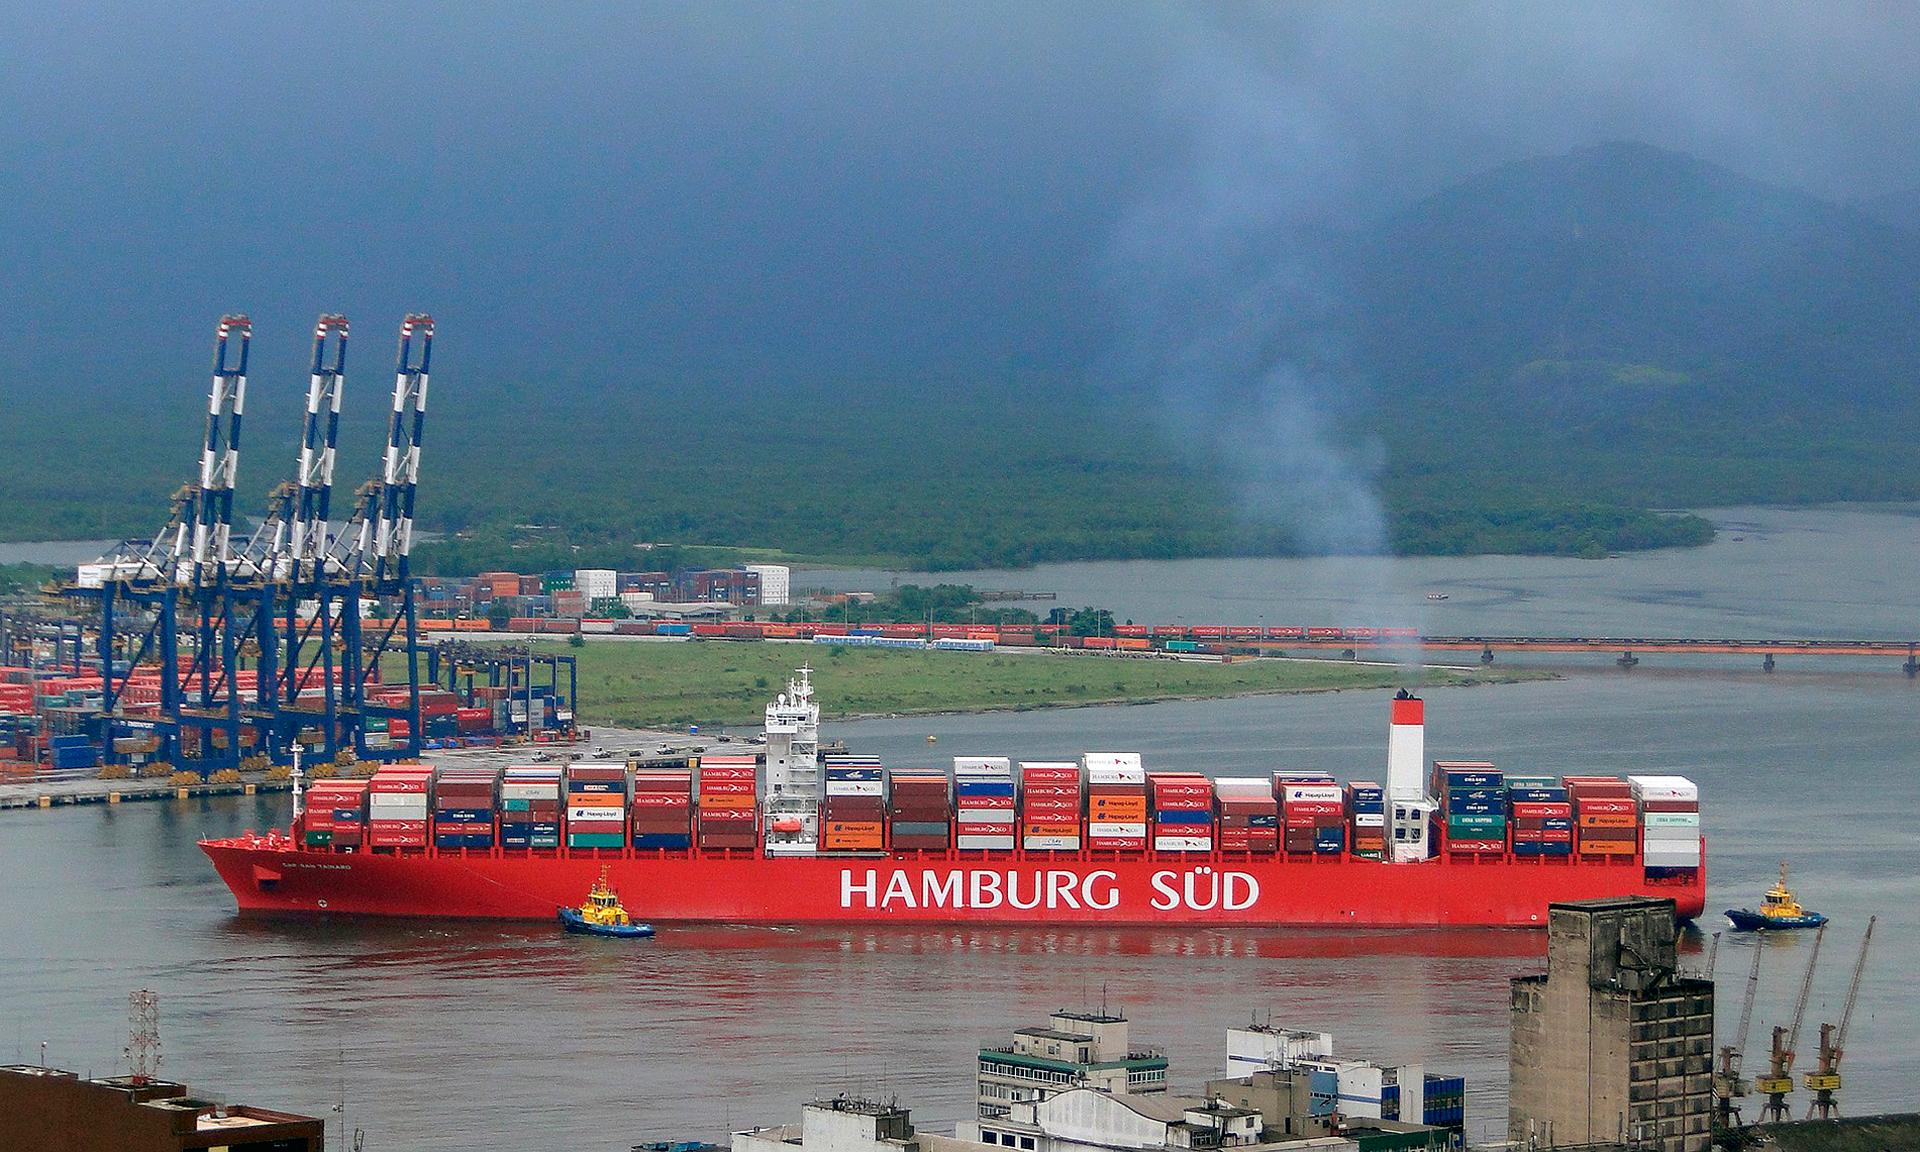 A medida traz simplificação e redução das formalidades, exigências documentais e trâmites na chegada, estadia e saída de navios em operação